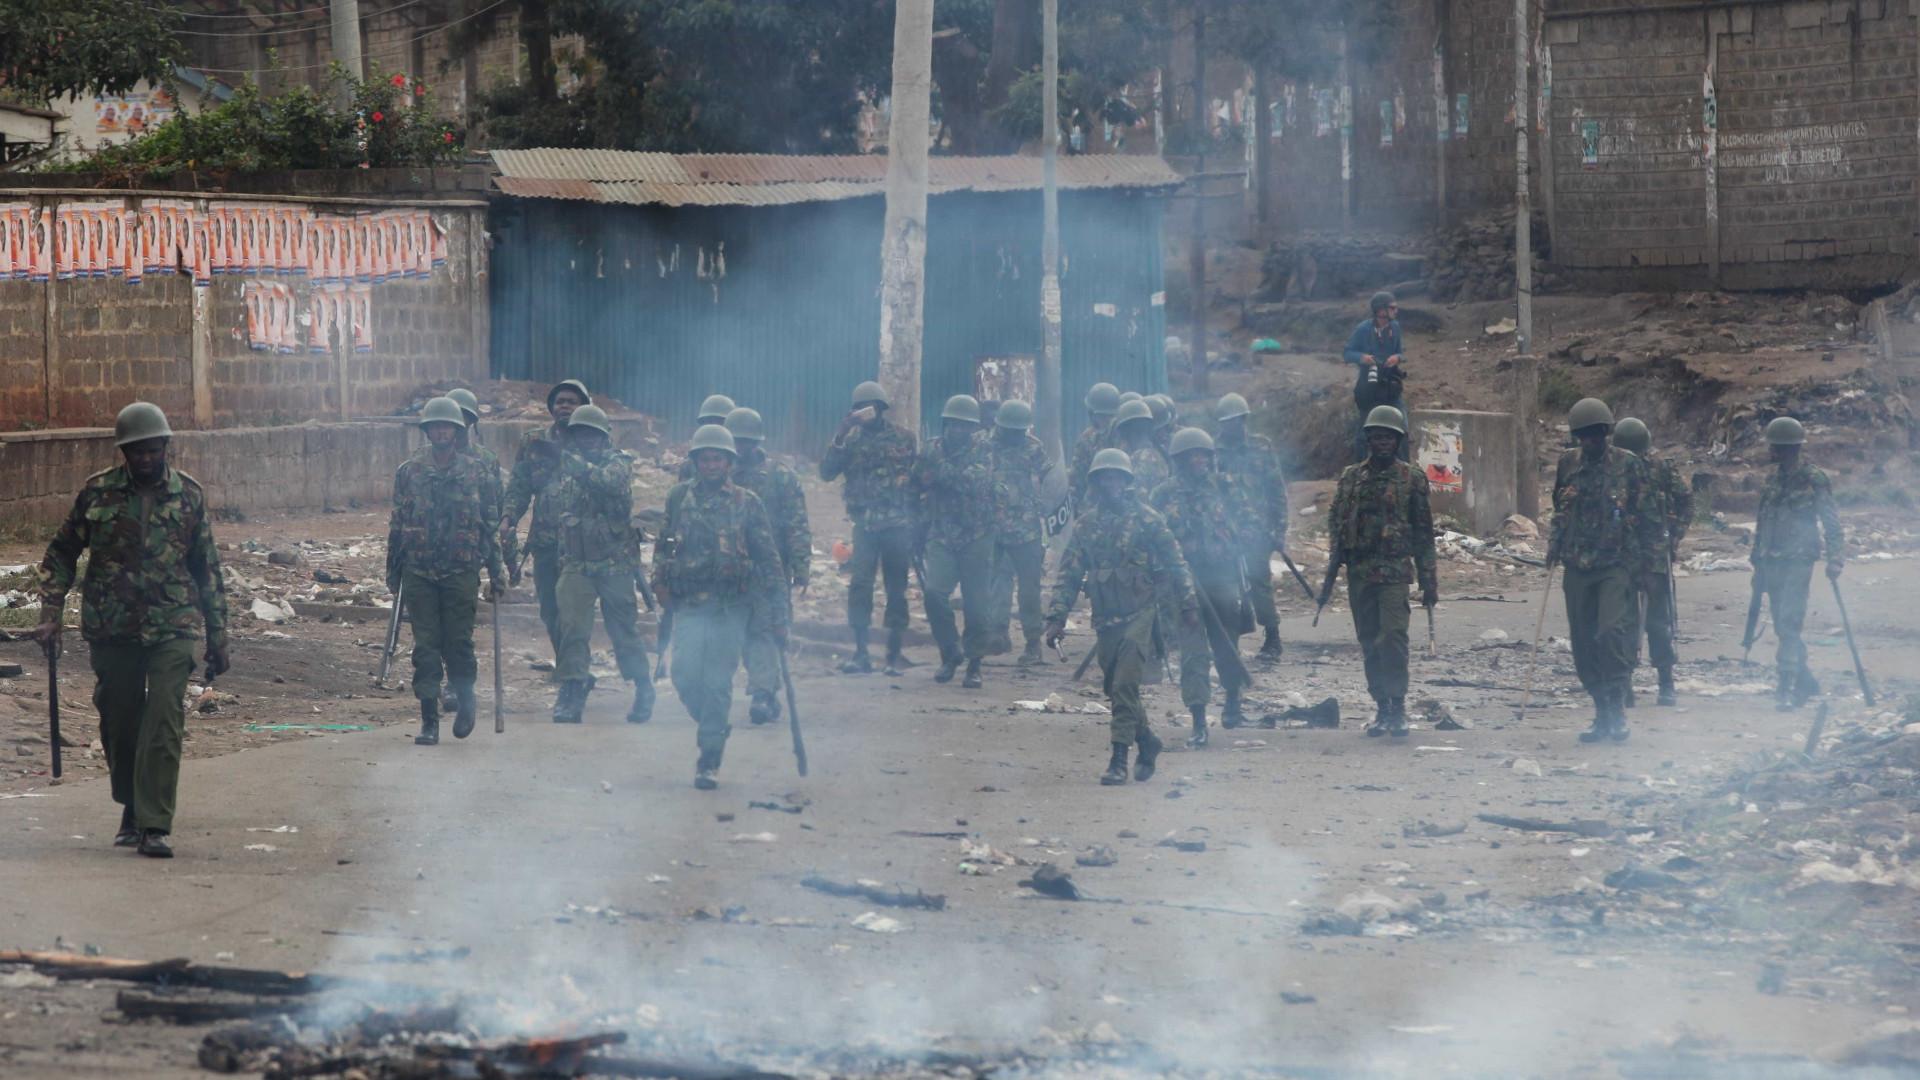 Governo do Quénia nega que haja manifestações e mortos no país